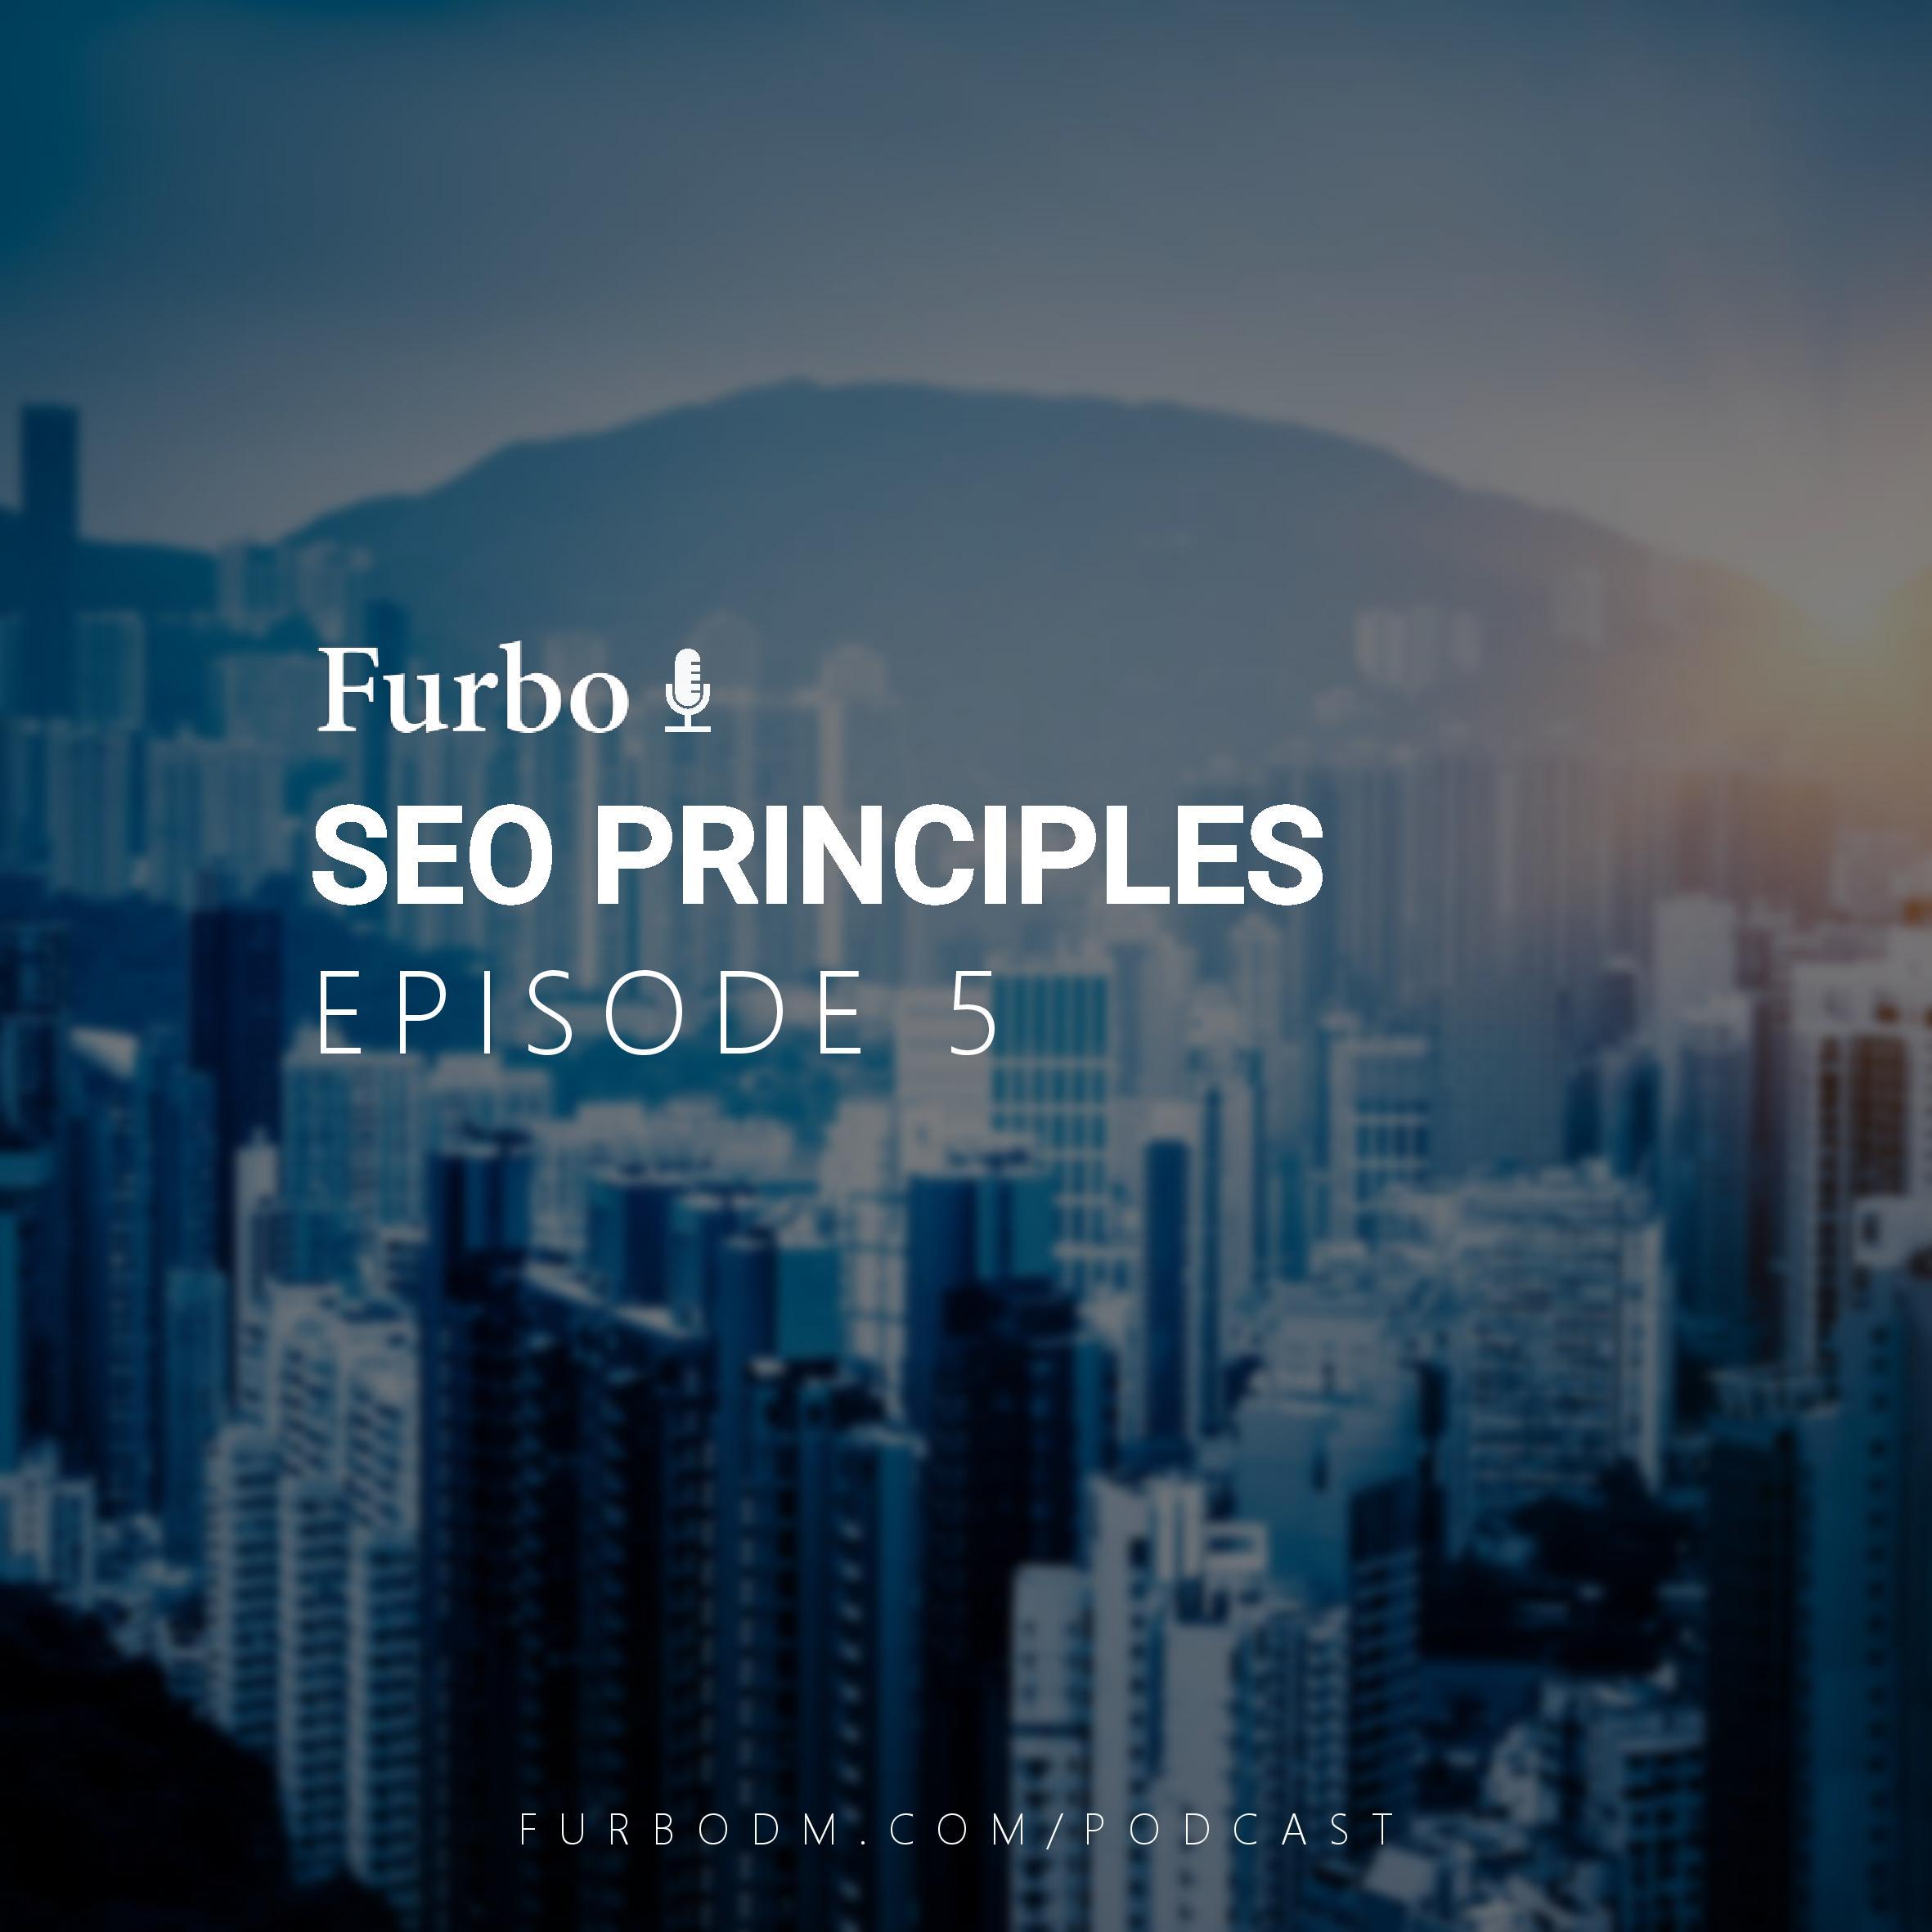 اصول SEO در قسمت پنجم پادکست فوربو